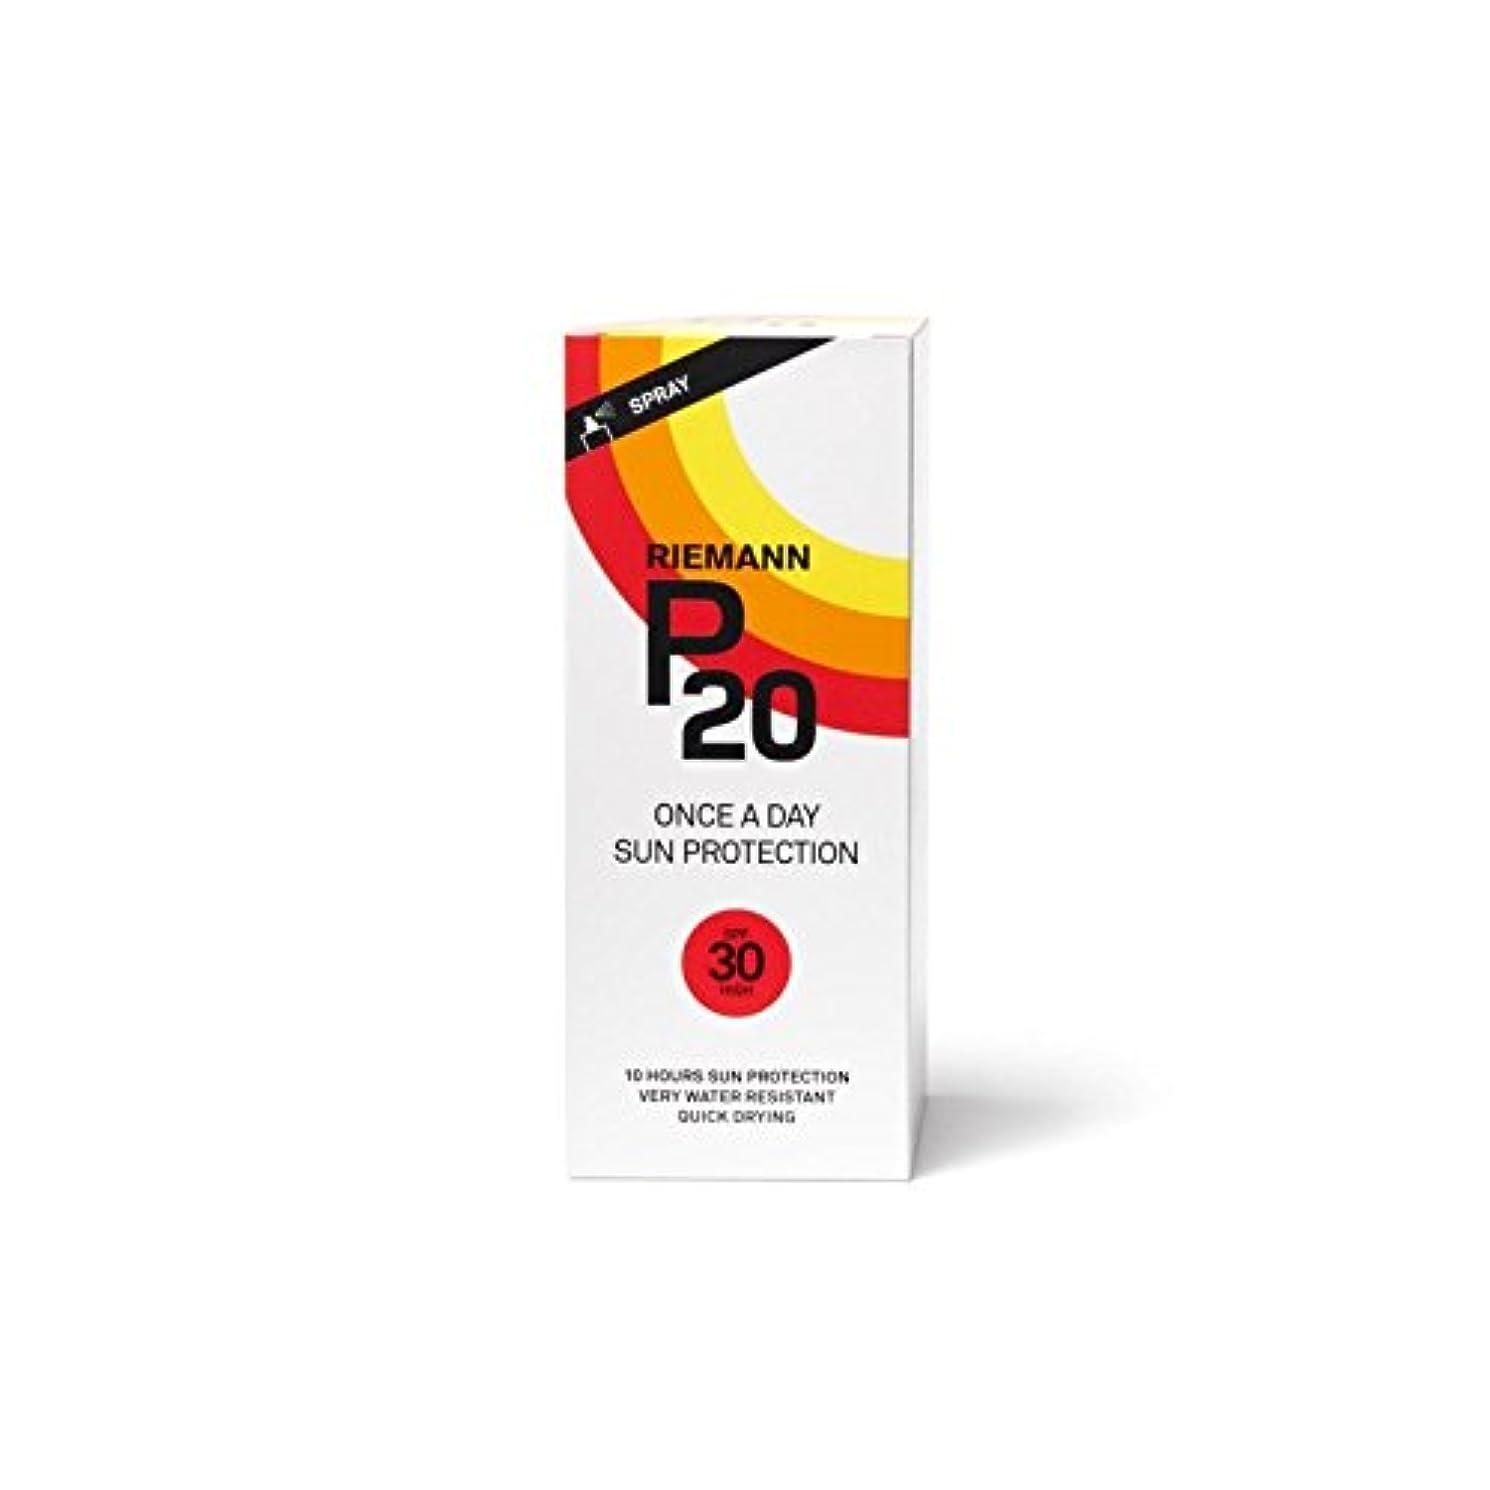 本物のマーキーエステートリーマン20のサンフィルター200ミリリットル30 x4 - Riemann P20 Sun Filter 200ml SPF30 (Pack of 4) [並行輸入品]